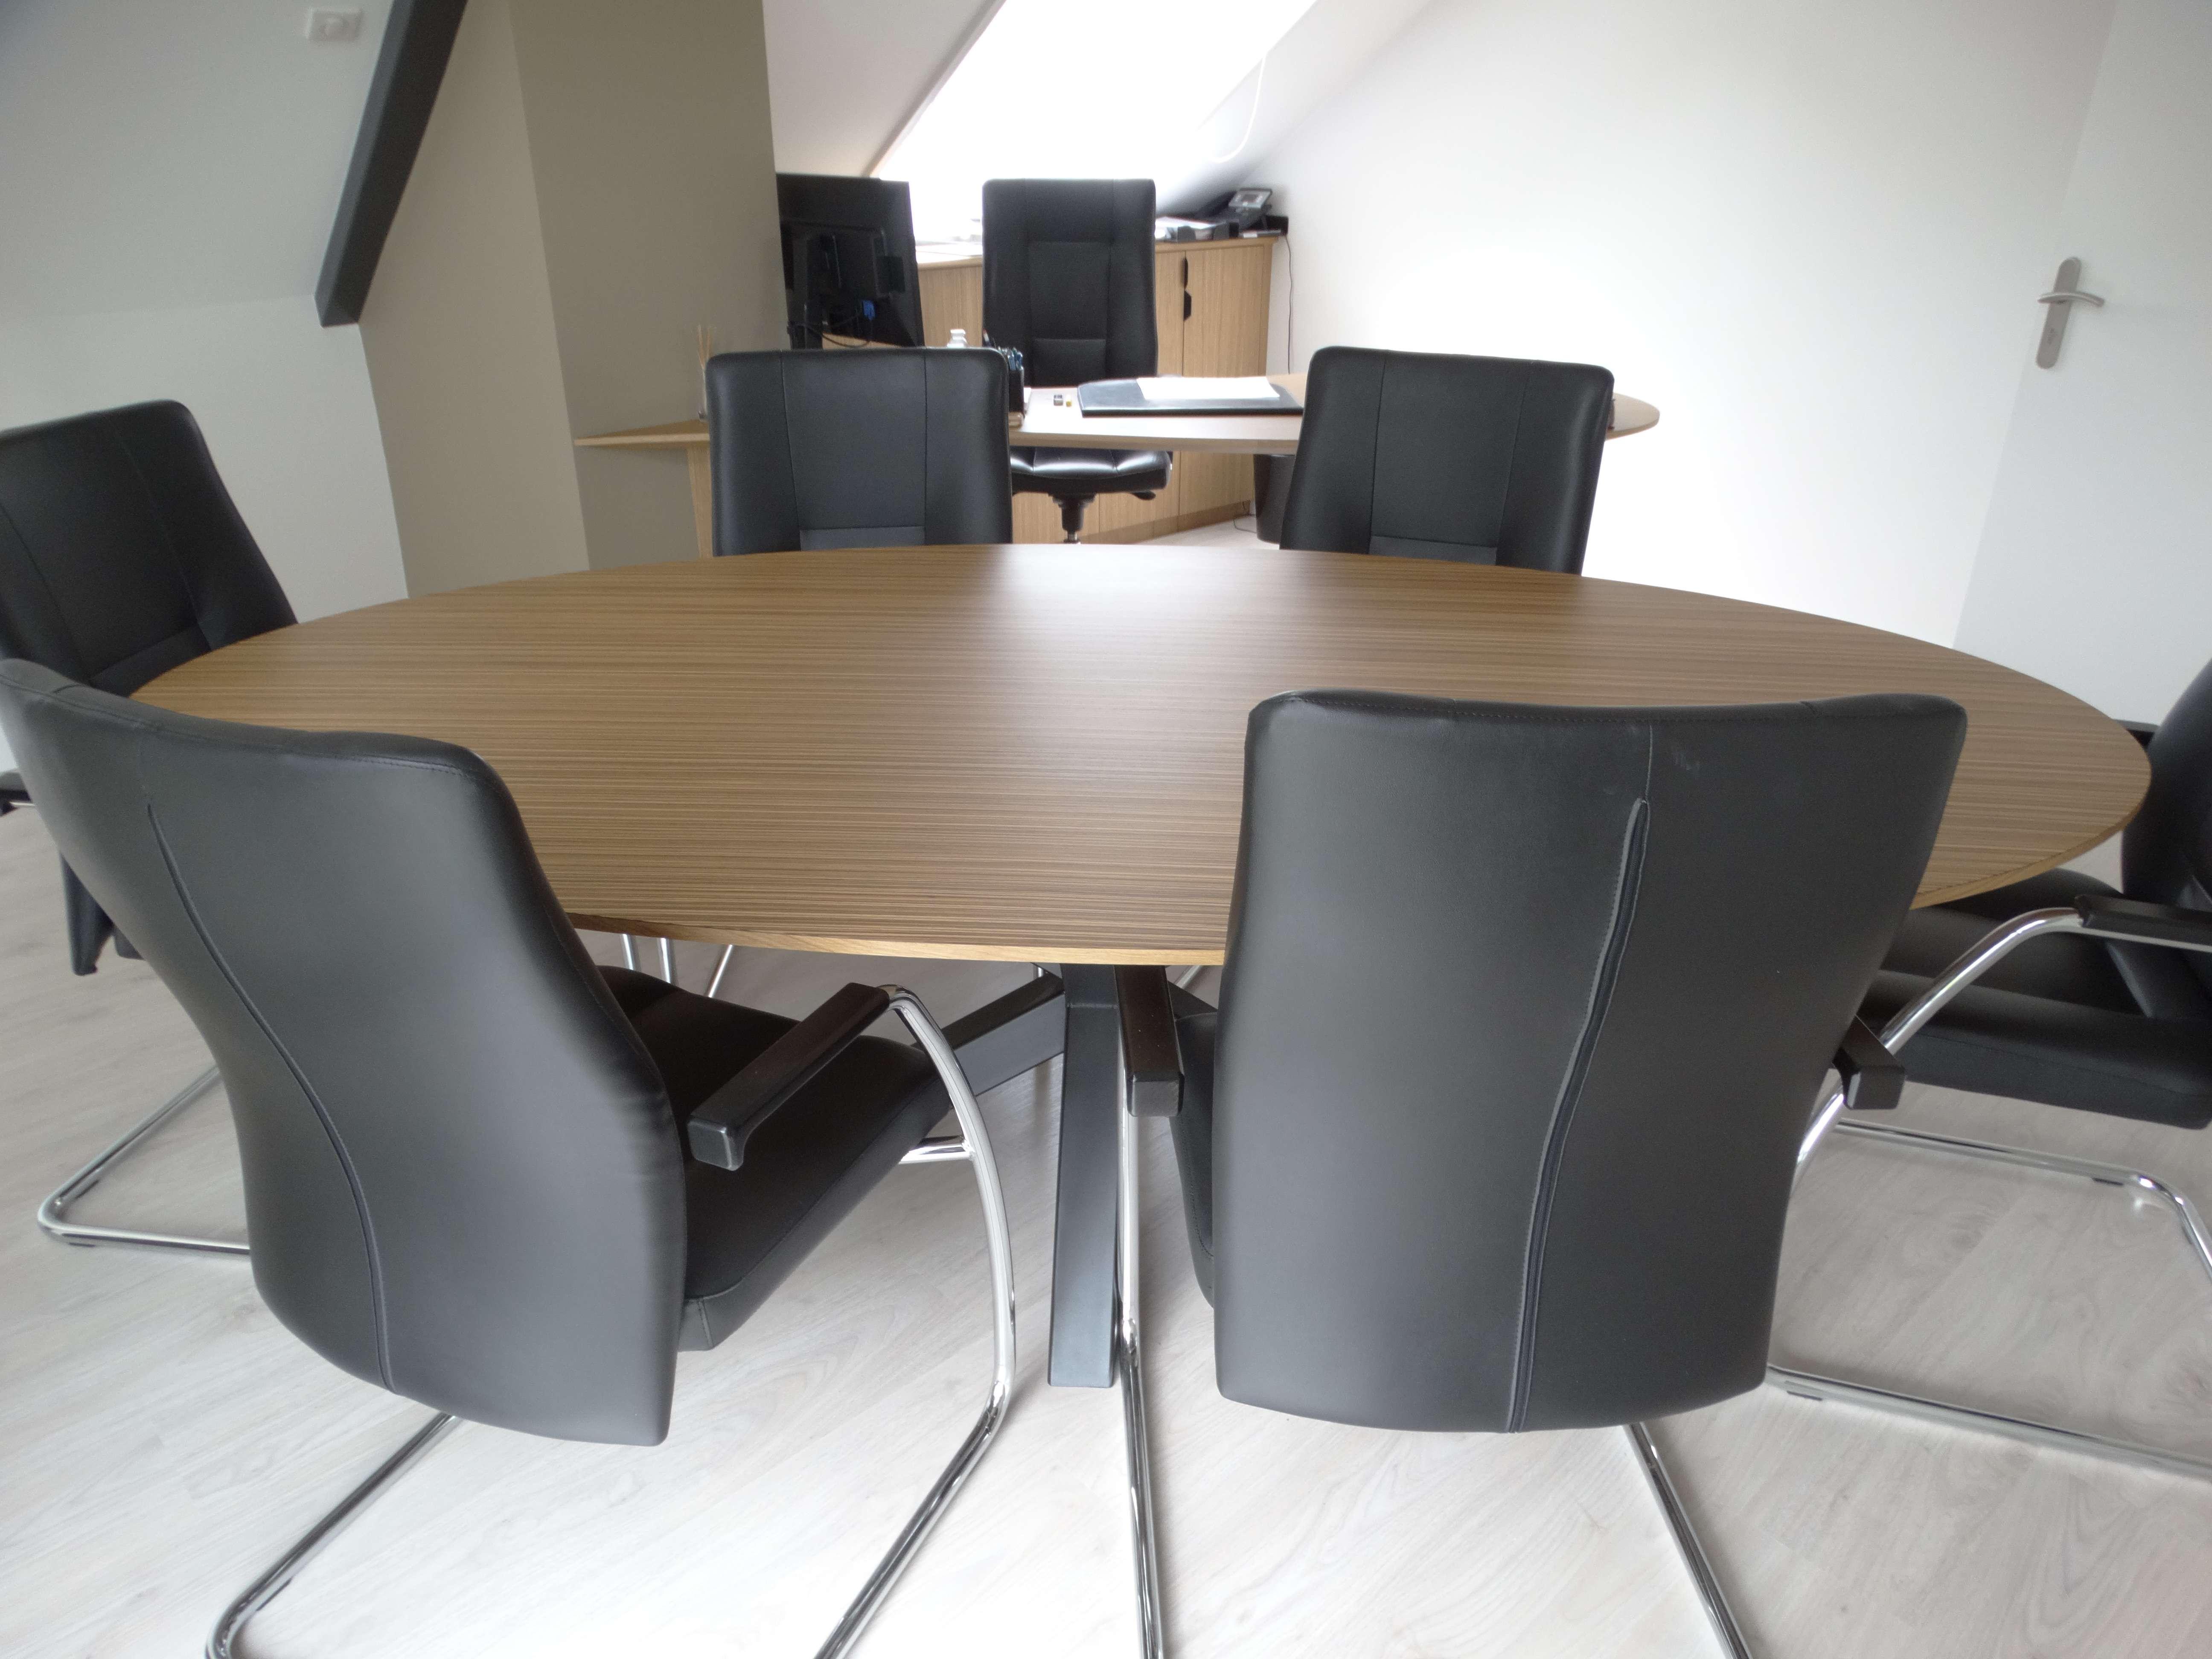 table de travail ovale avec pietement acier - Bureau original mairie en bois zebrano et chêne